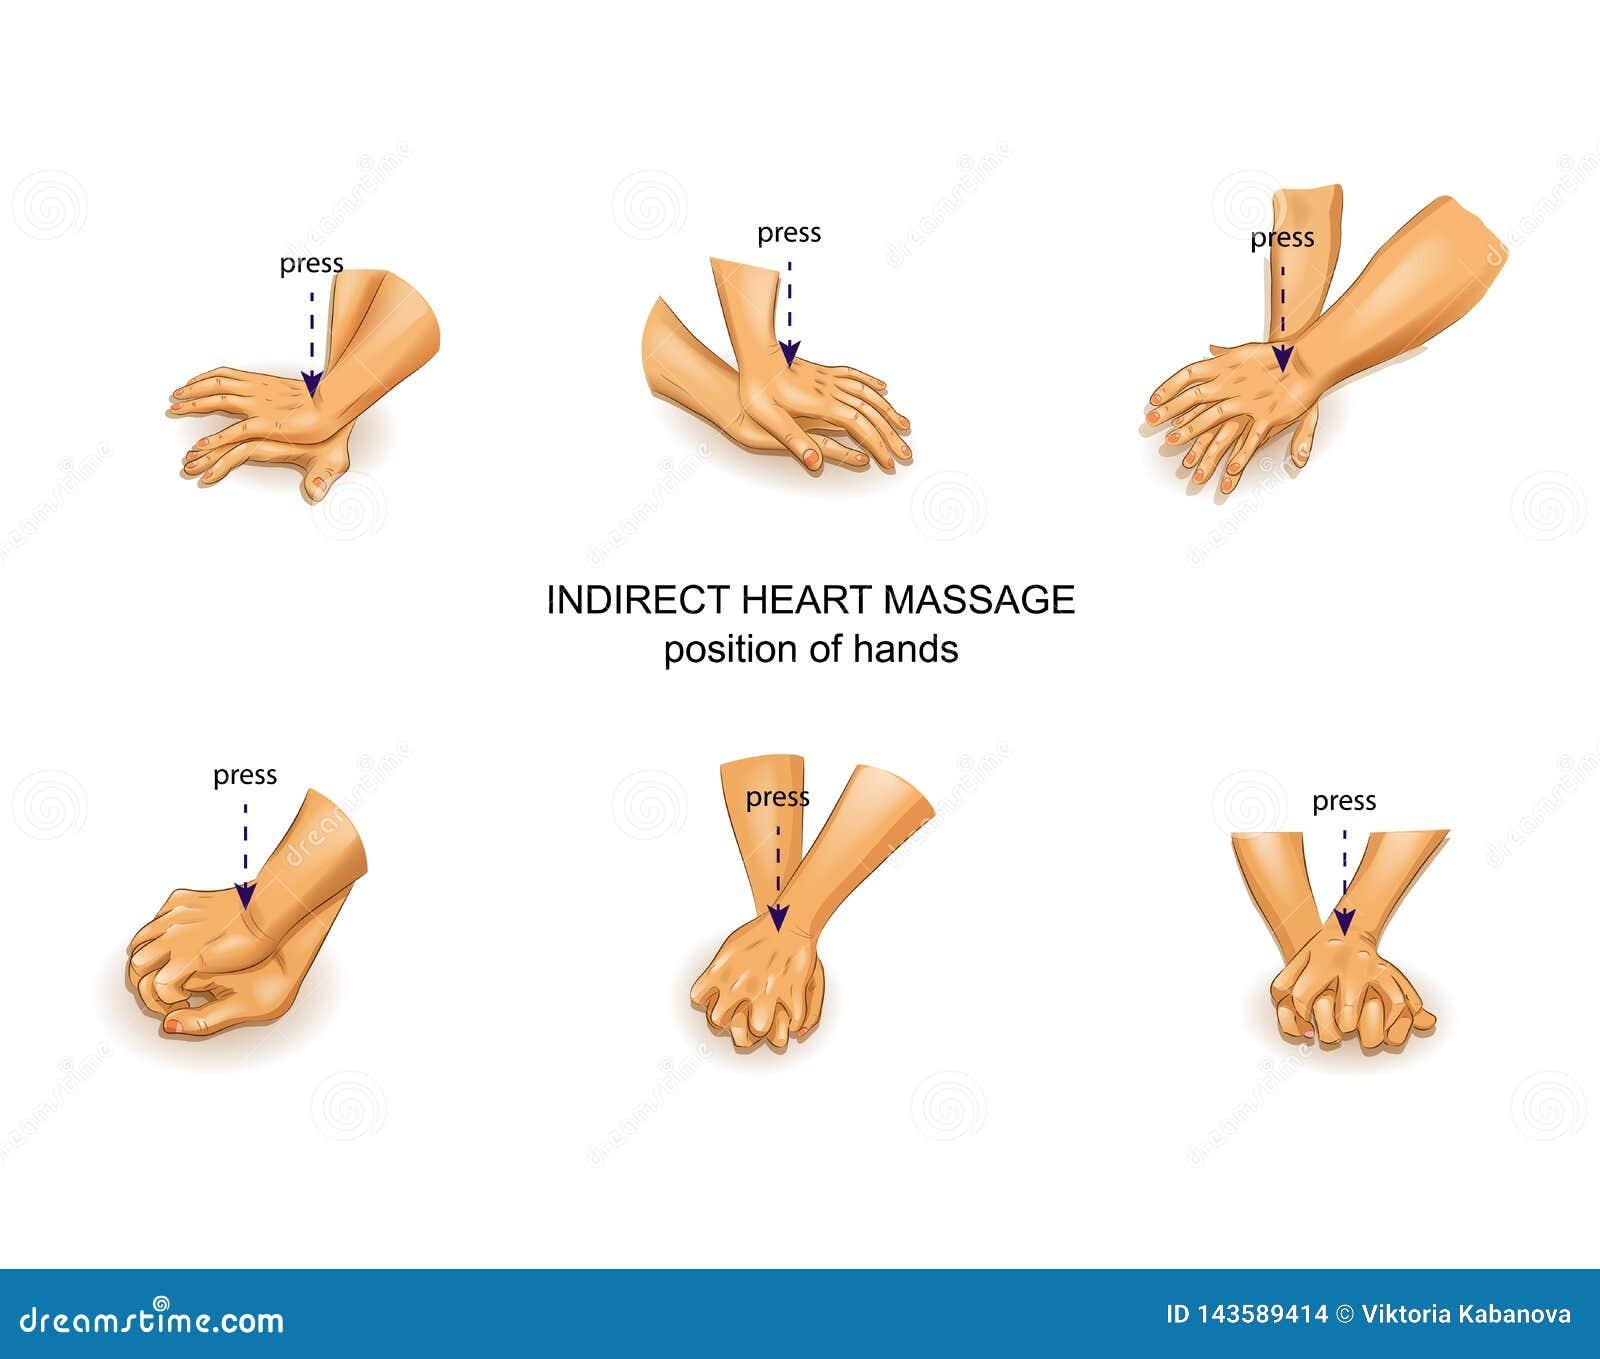 Position av doktorns händer i indirekt hjärtamassage